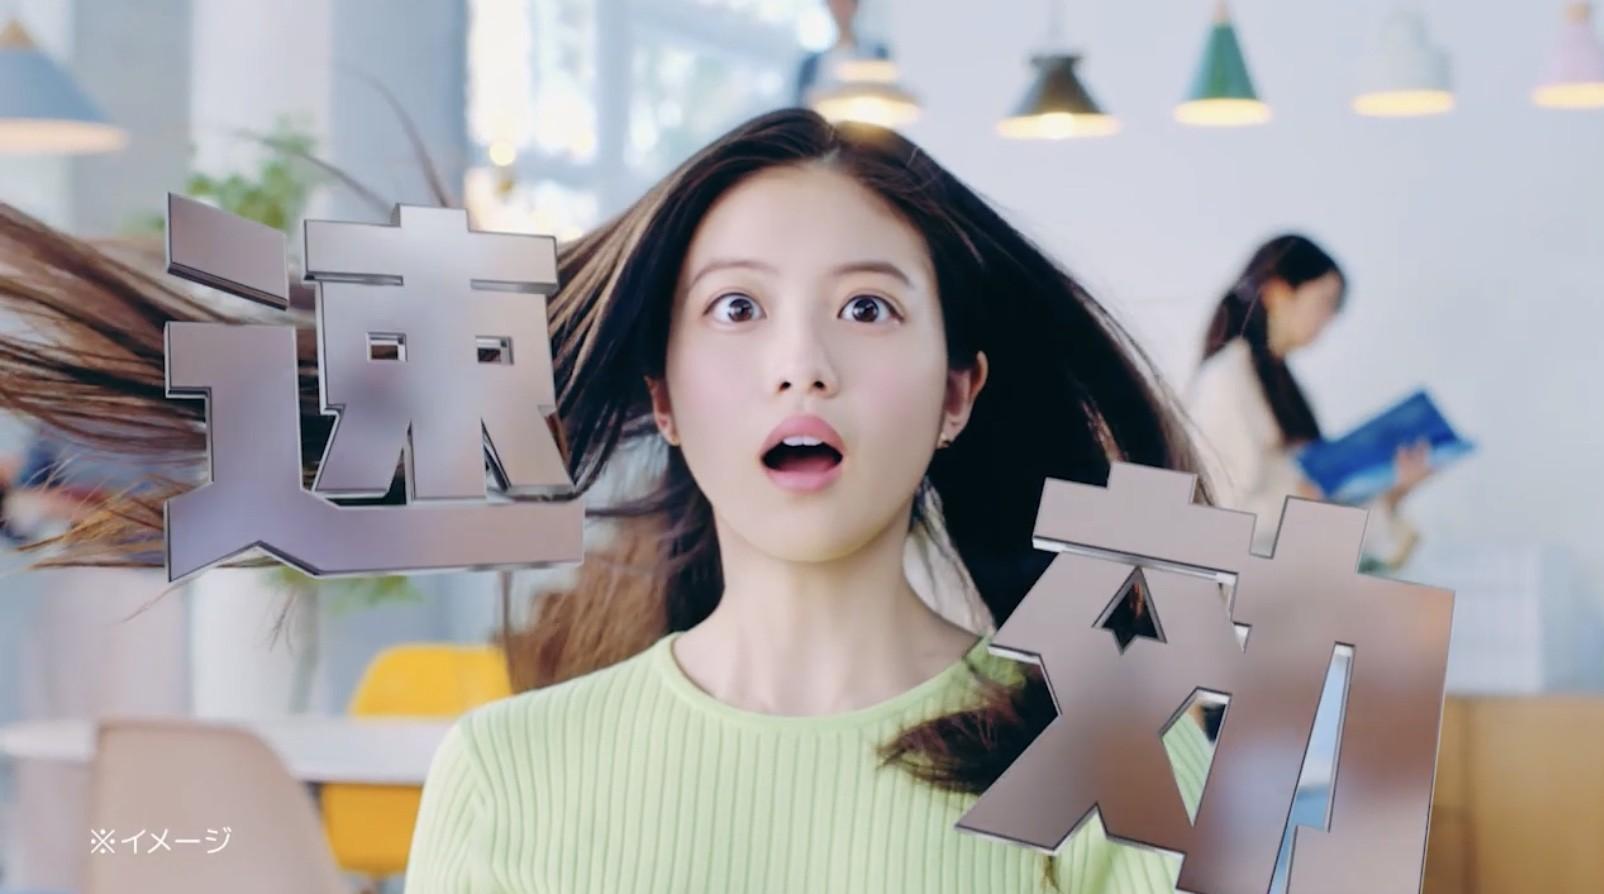 ロキソニンs cm 女優 2020 ロキソニンS 2020新CMの女優は誰?頭痛が終わらなーい!と叫ぶ声もかわいいのは今田美桜さん